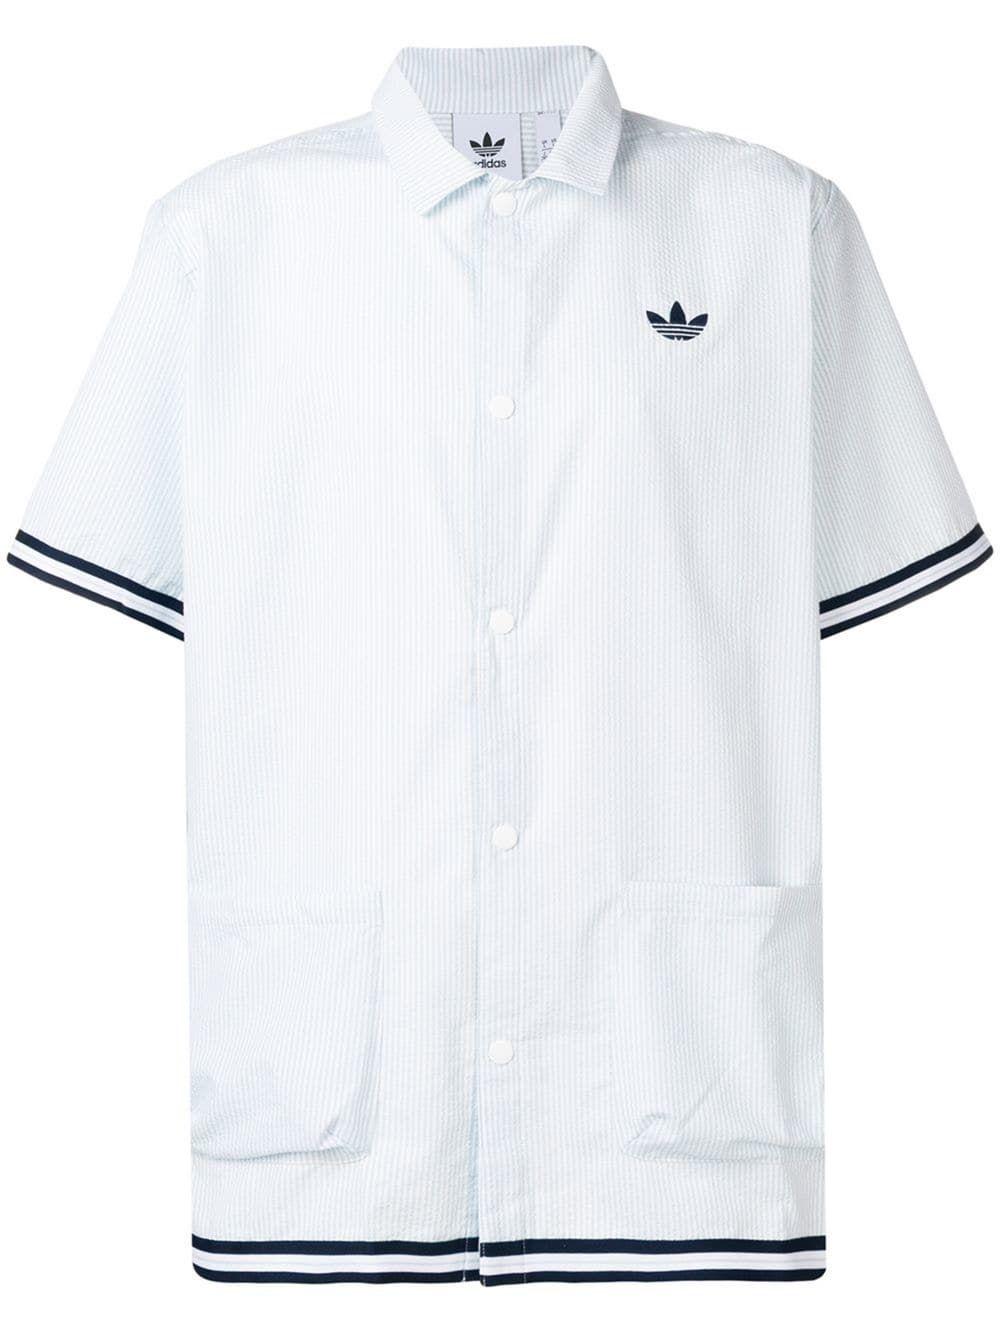 15172c62c2fea ADIDAS ORIGINALS ADIDAS STRIPED SHIRT - BLUE.  adidasoriginals  cloth